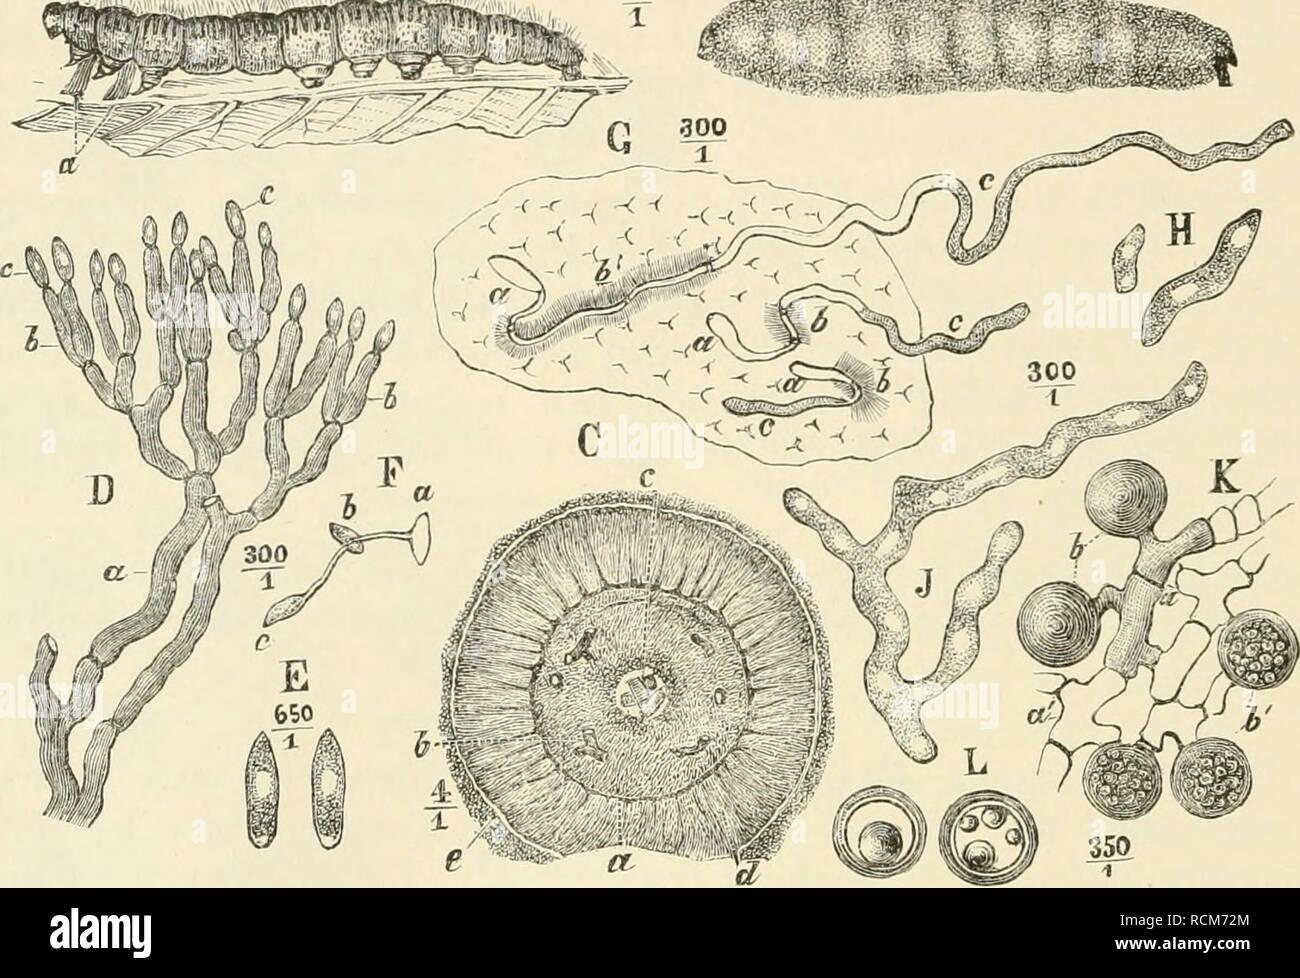 . Die forstinsekten Mitteleuropas. Ein lehr- und handbuch. Trees; Beneficial insects. 264 Kapitel 1.. Natürliche Beschränkung der Insektenvermehrung. durchsetzt nun fortwachsend und sich in mehrere Zellen gliedernd, von denen nur die vorderste Protoplasma enthält, die Leibeswand der Raupe, bis er allmählich — gewöhnlich am dritten Tage — in dem Fettkörper anlangt. Hier wächst nun die Endzelle auf Kosten des Fettkörpers, den sie mit un- glaublicher Schnelligkeit durchwuchert, zu einem verästelten und verfilzten Mycel aus (Fig. 200, J). Jetzt beginnt die schon erwähnte Trägheit der bis dahin an Stock Photo